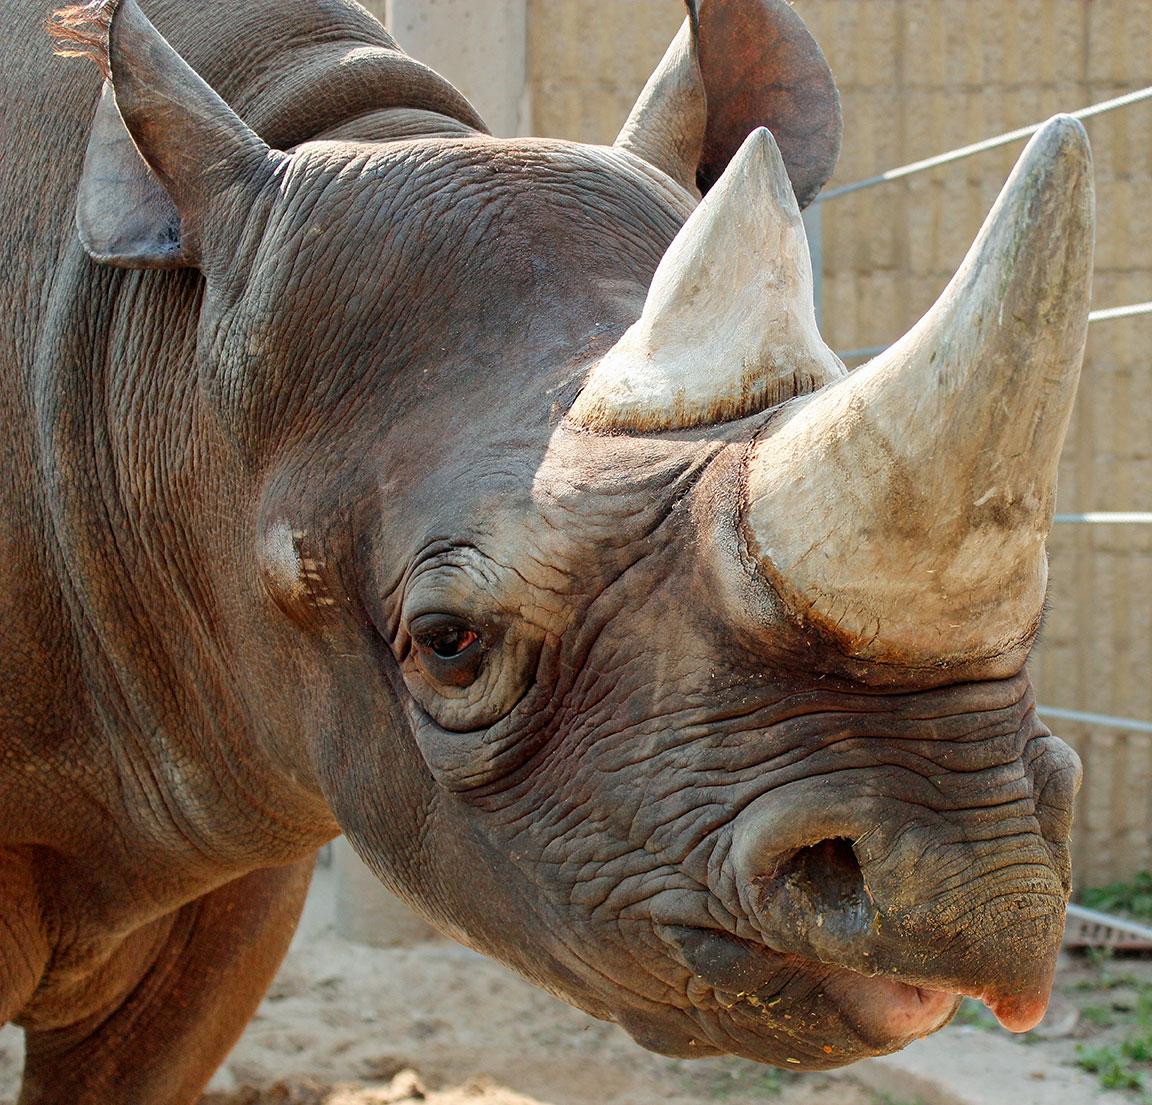 Rhino Week